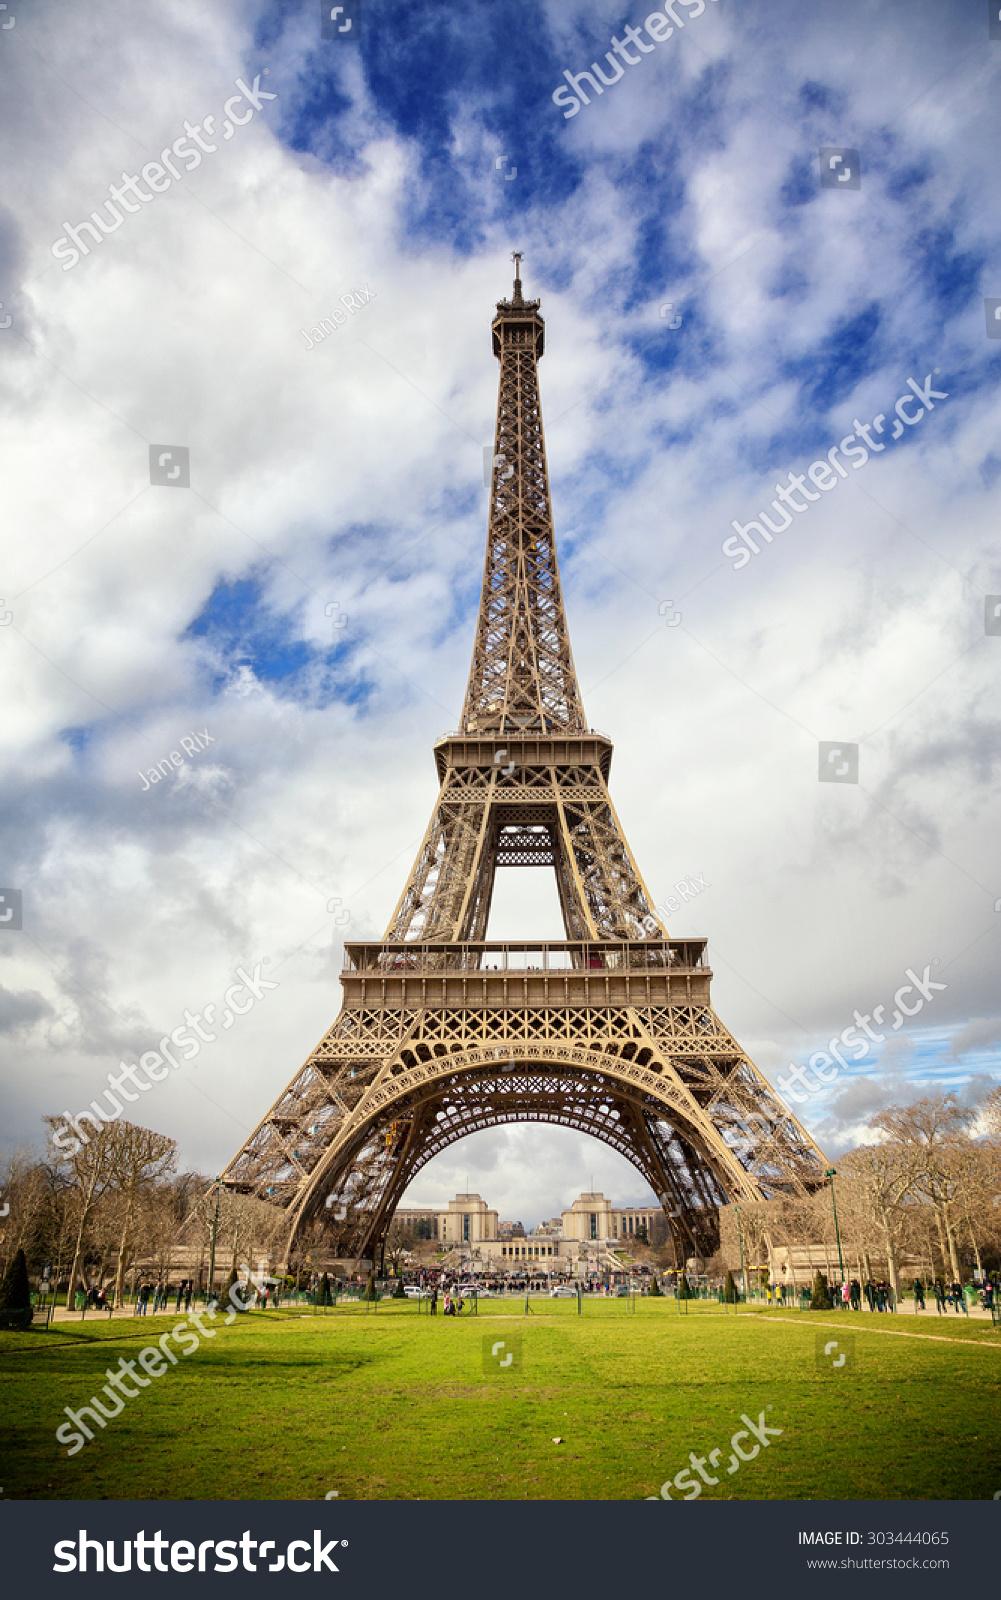 埃菲尔铁塔,巴黎,在春天.-建筑物/地标,公园/户外-()